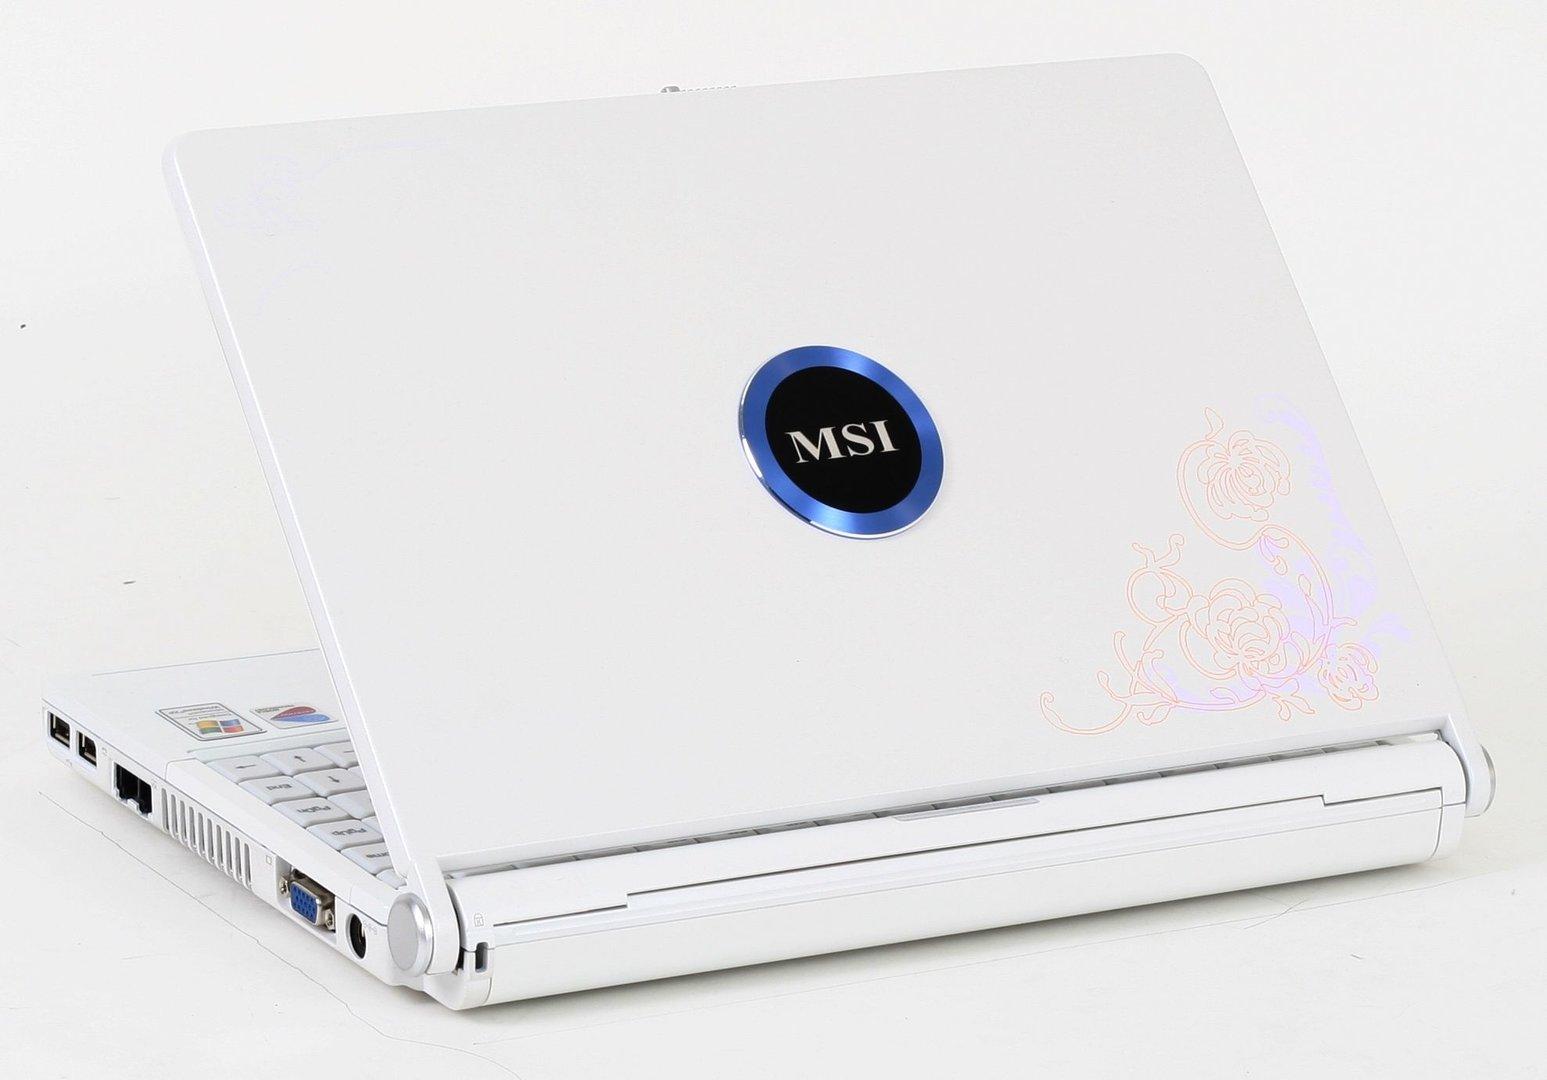 MSI Megabook S262